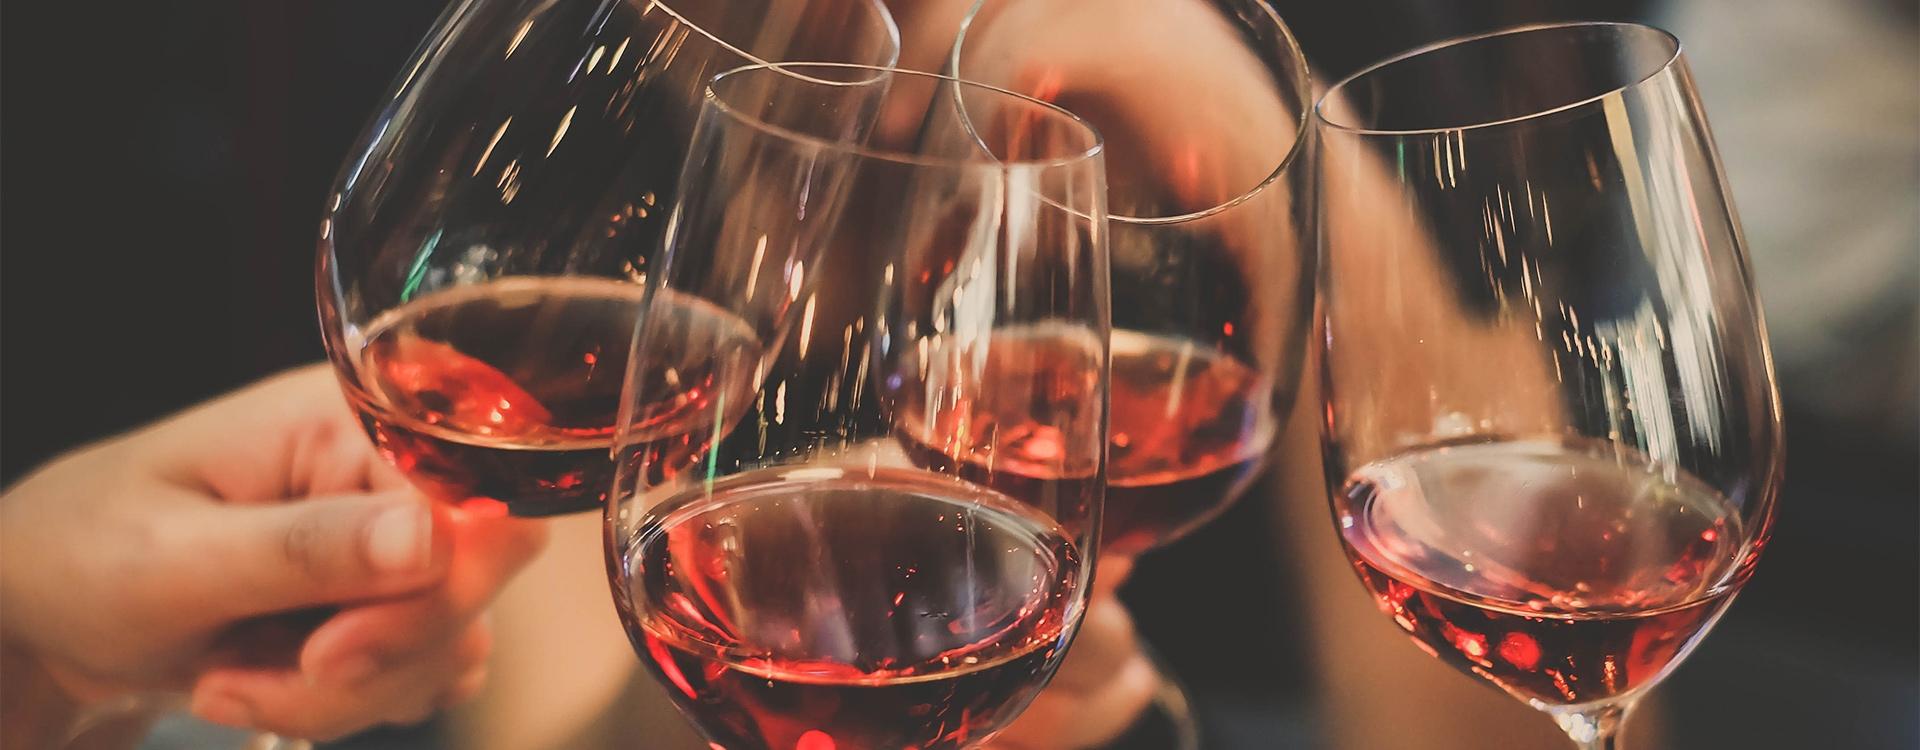 Dans quelle région française consomme-t-on le plus d'alcool ? / C1-C2